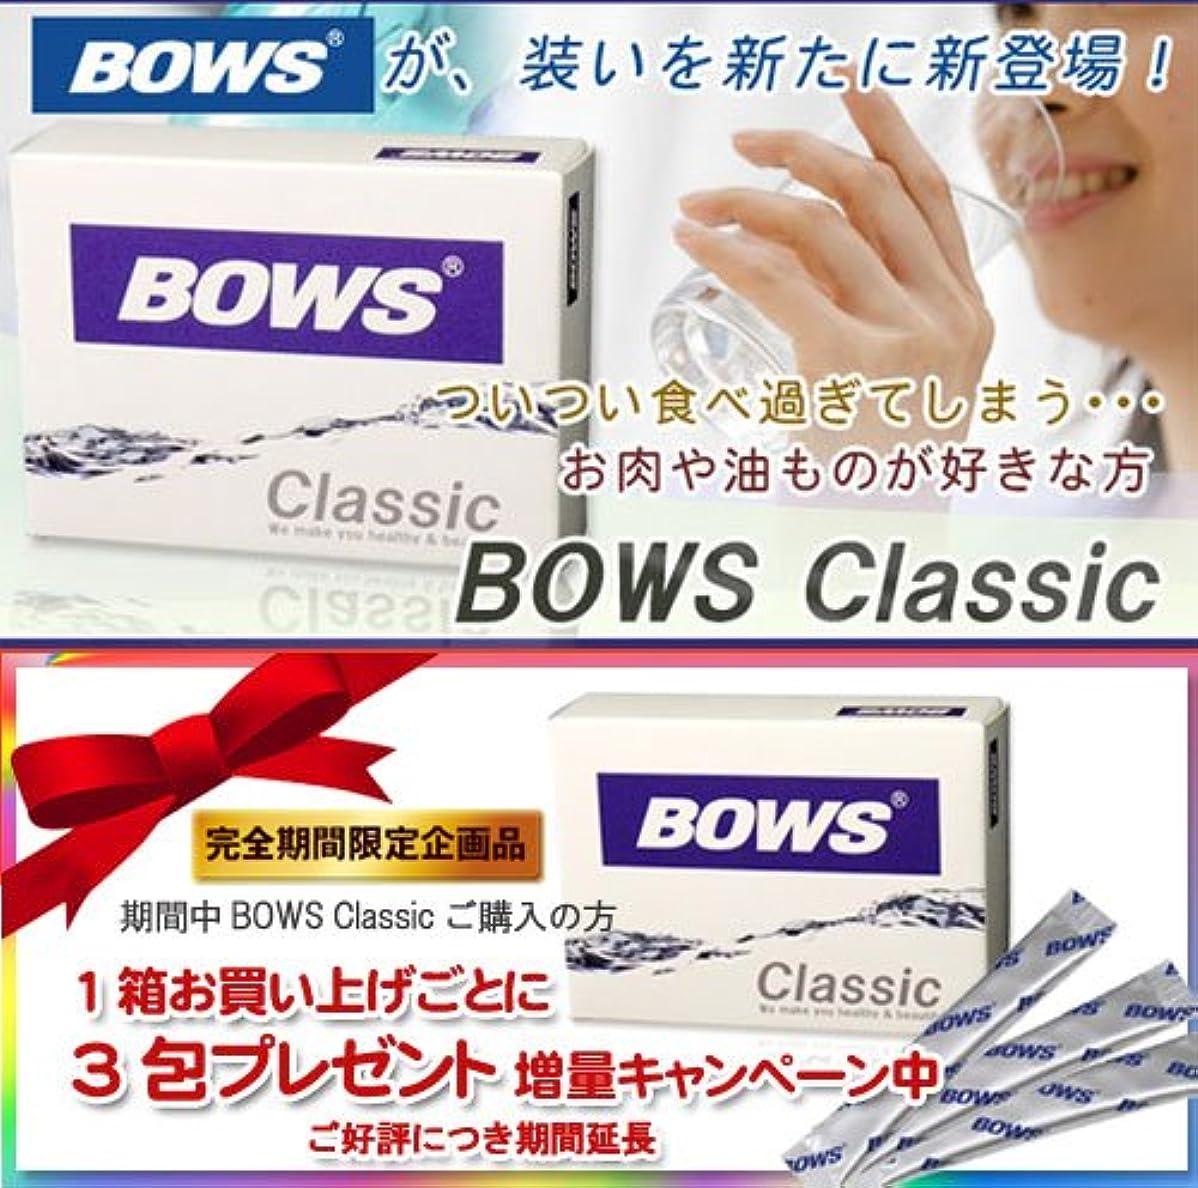 シリアル固執北方BOWS Classic (ボウス クラシック)  30包+3包増量版